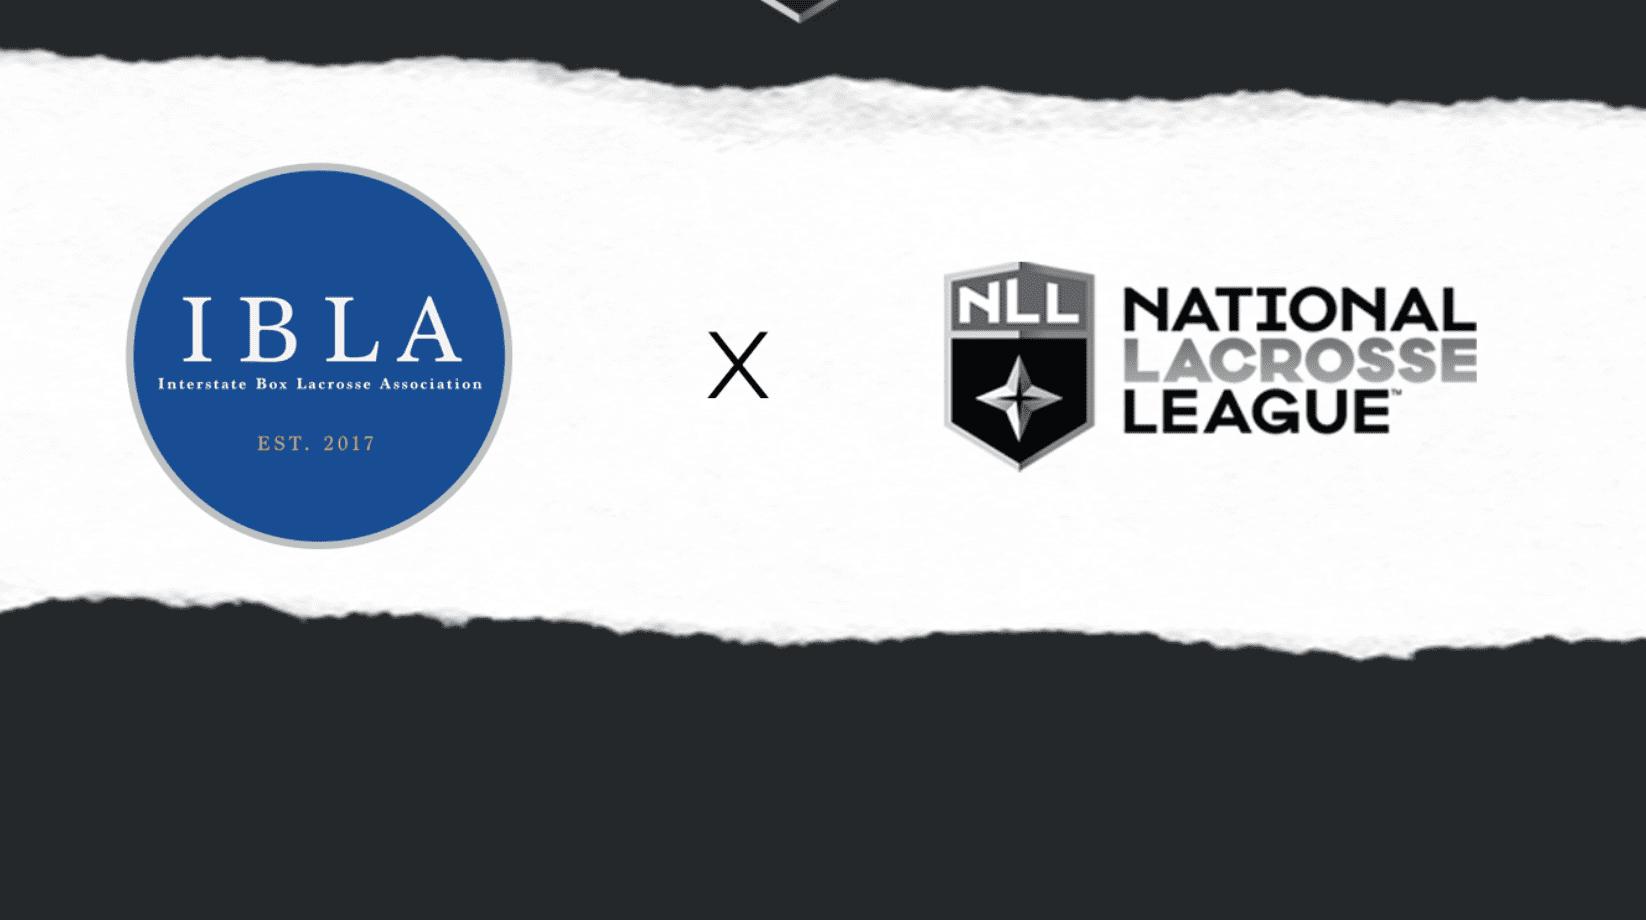 nll national lacrosse league ibla